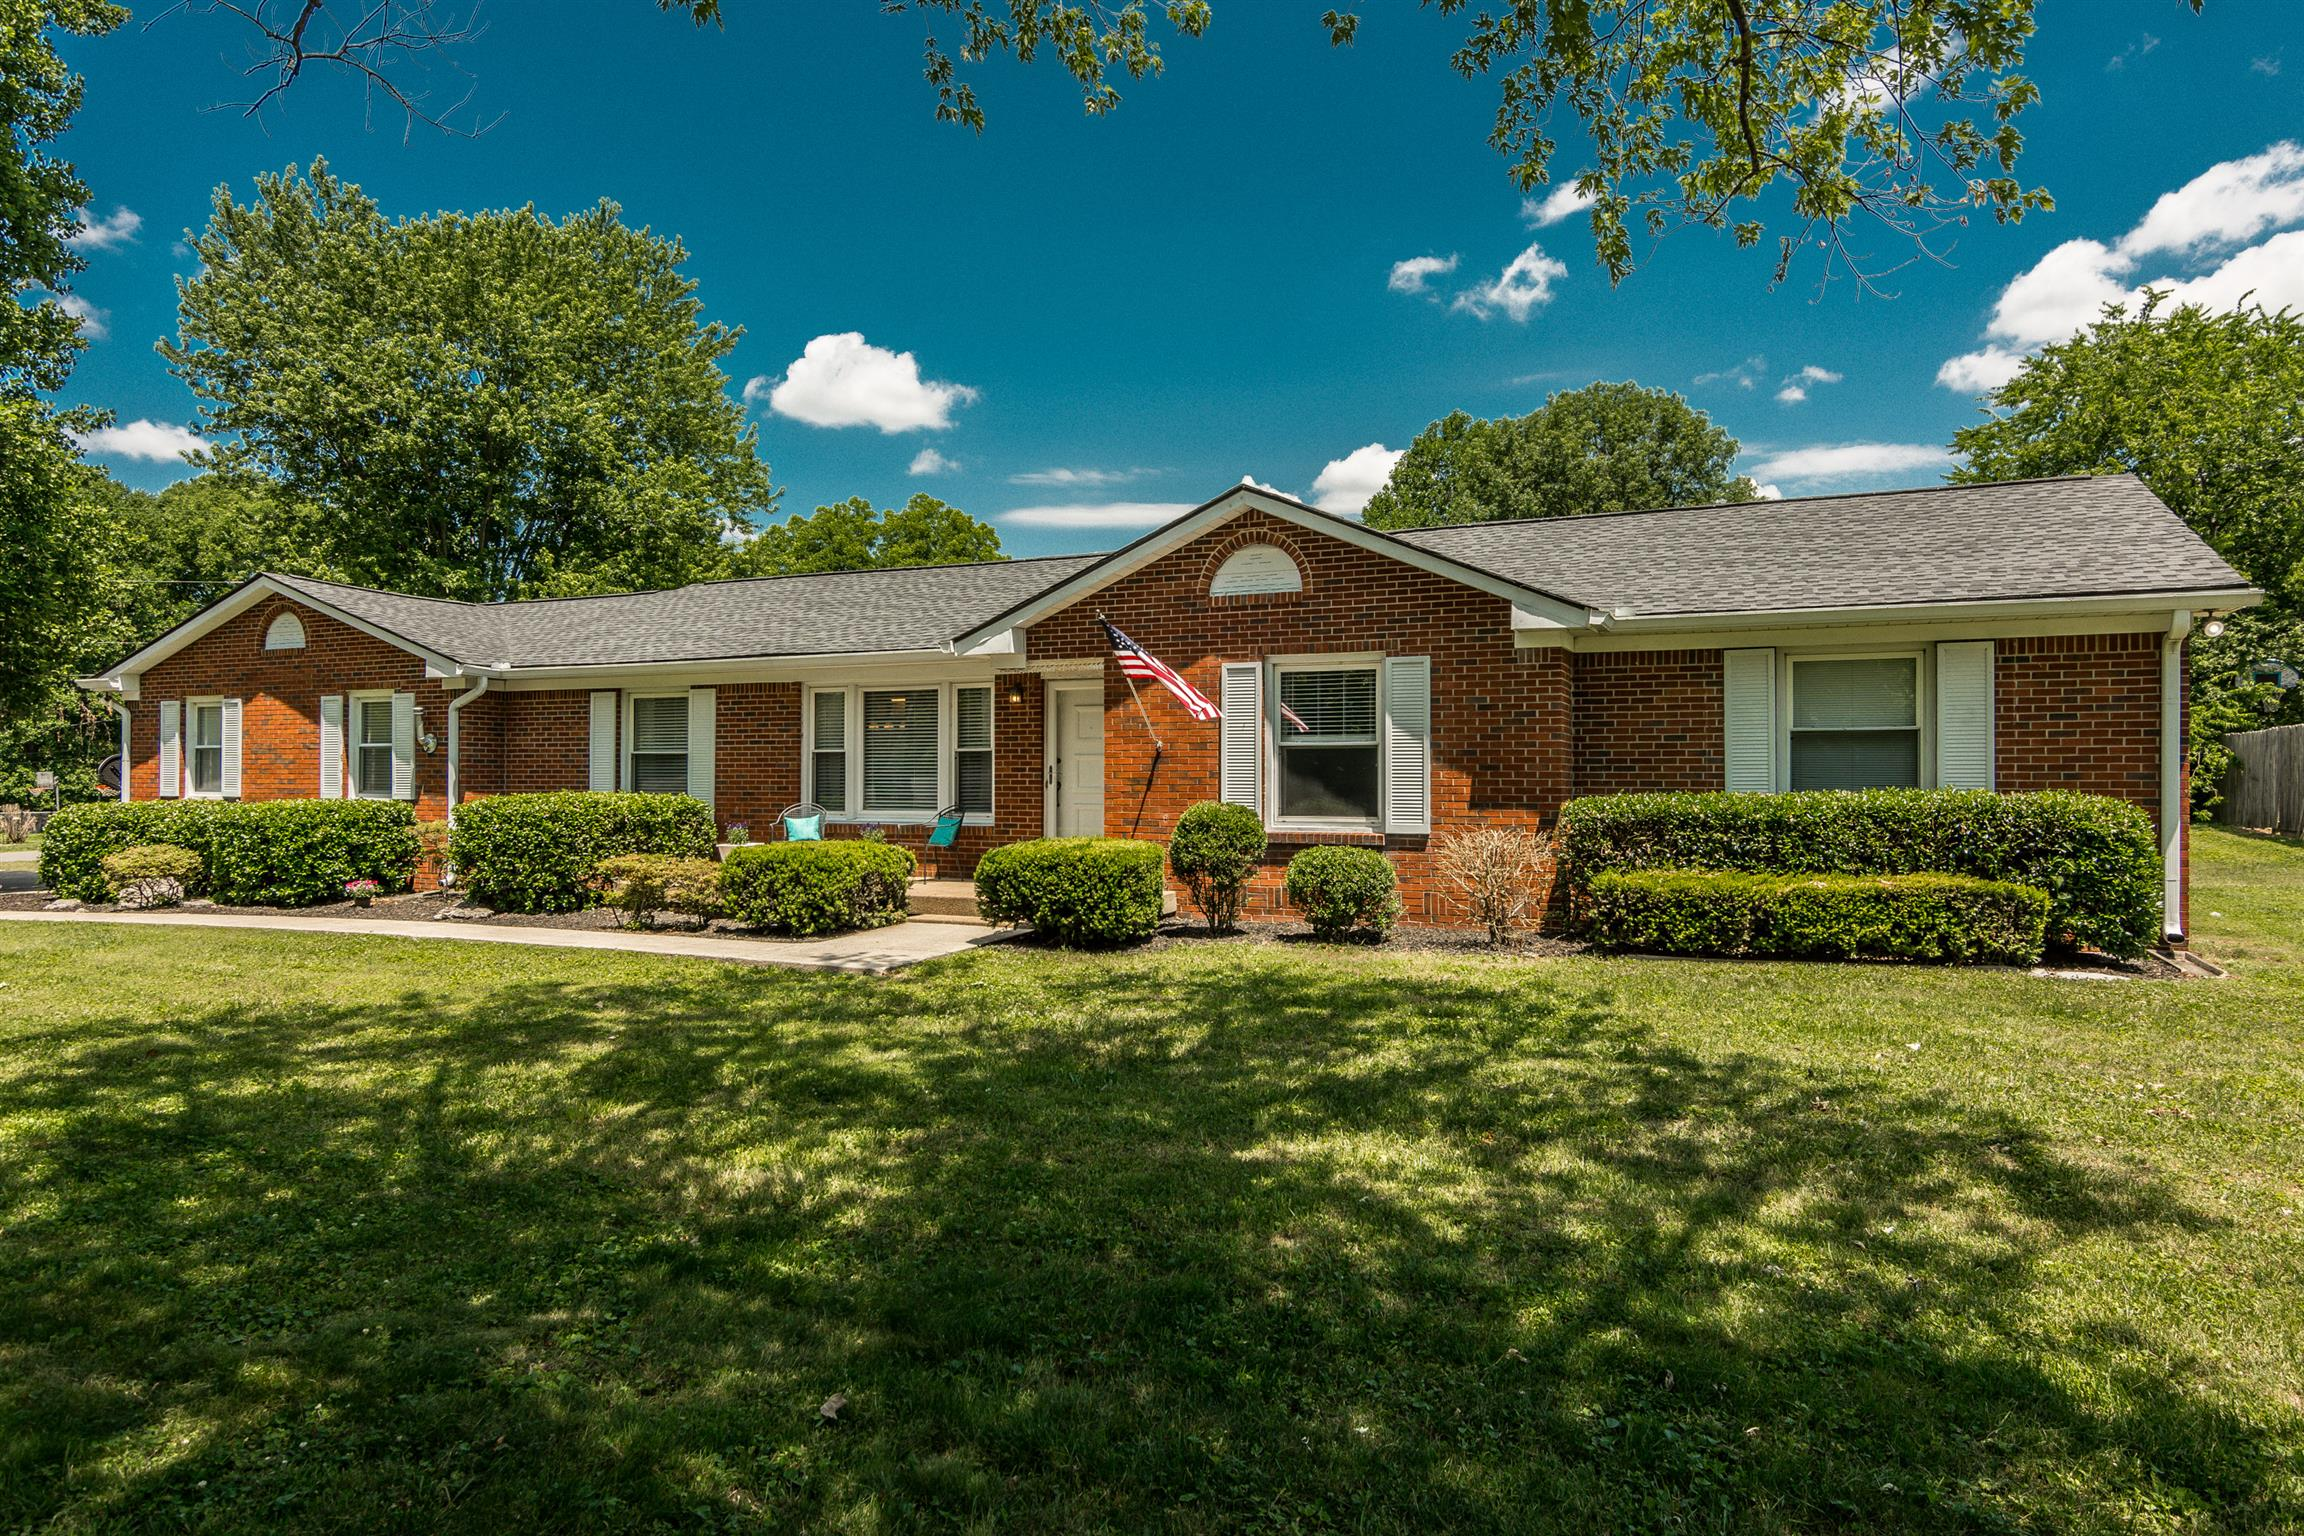 2518 Meadowood Dr, Nashville, TN 37214 - Nashville, TN real estate listing